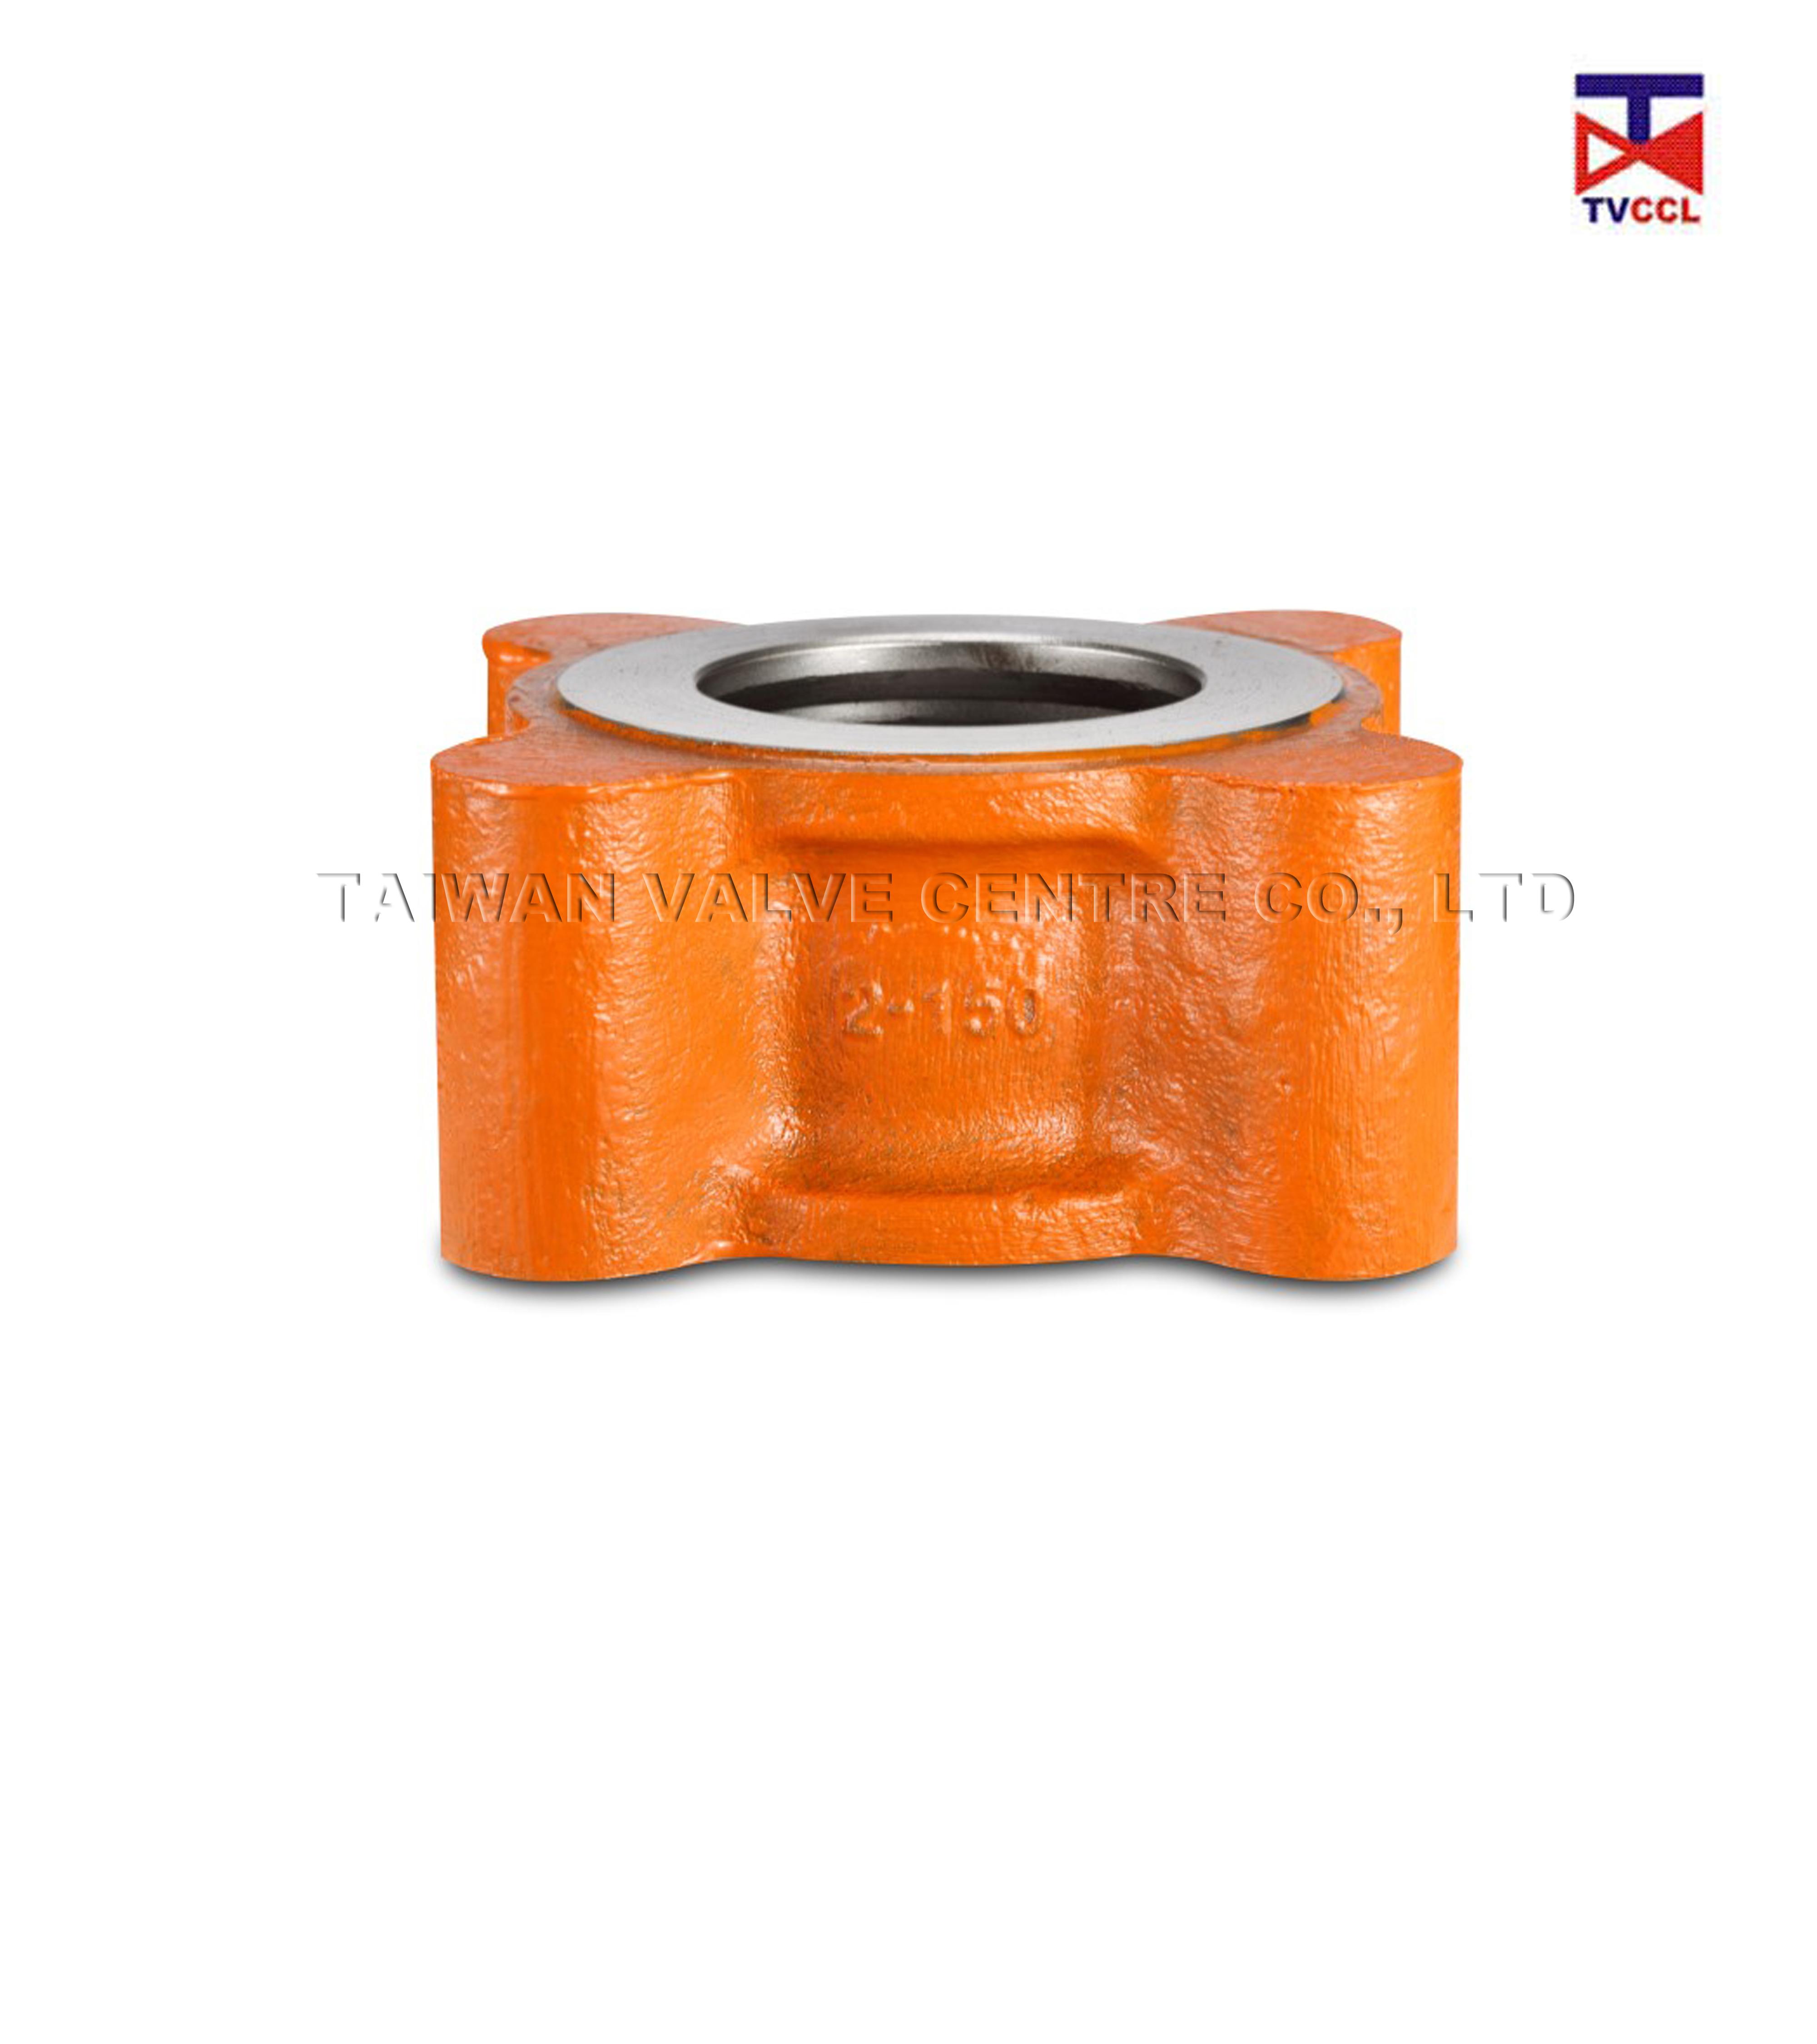 鋳鋼製ソリッドマルチラグチェックバルブ - ソリッドマルチイヤーチェックバルブ